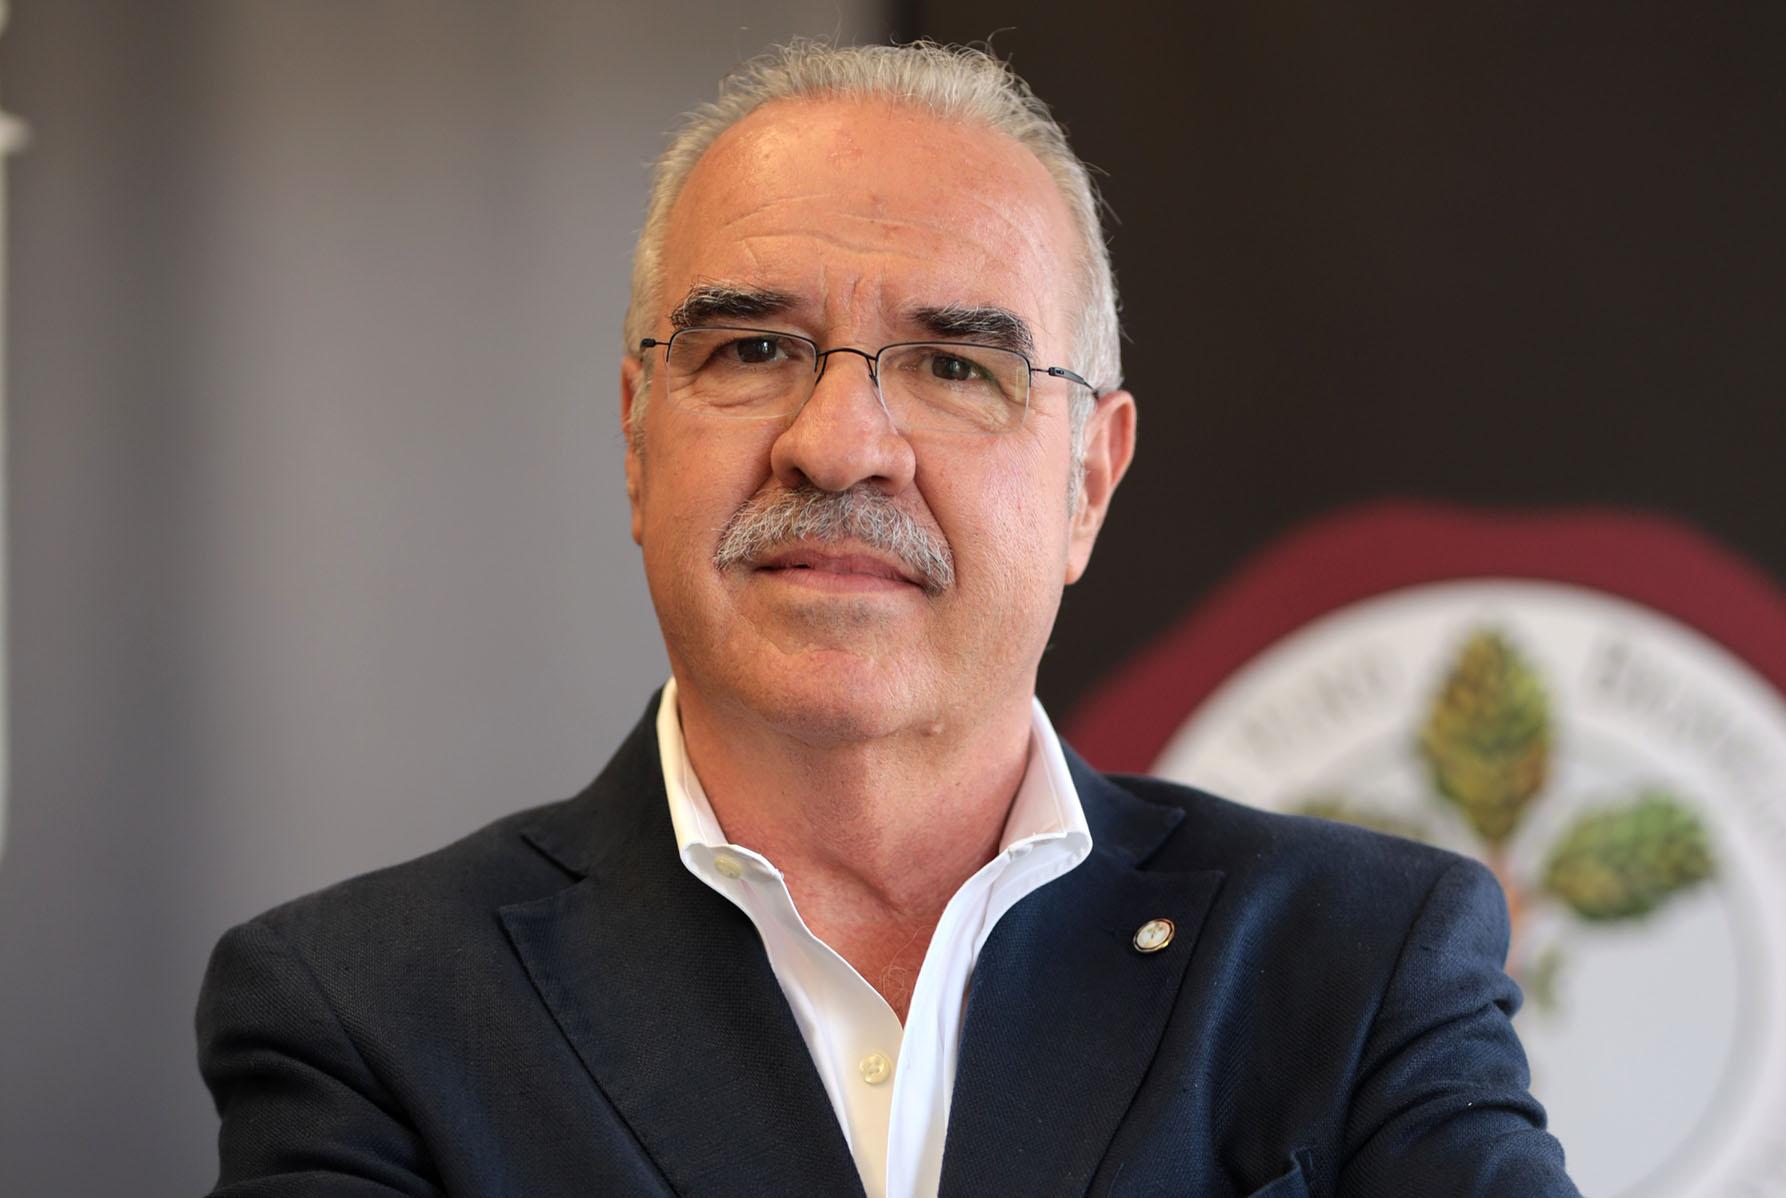 Consorzio del Vino Brunello di Montalcino: Fabrizio Bindocci nuovo presidente